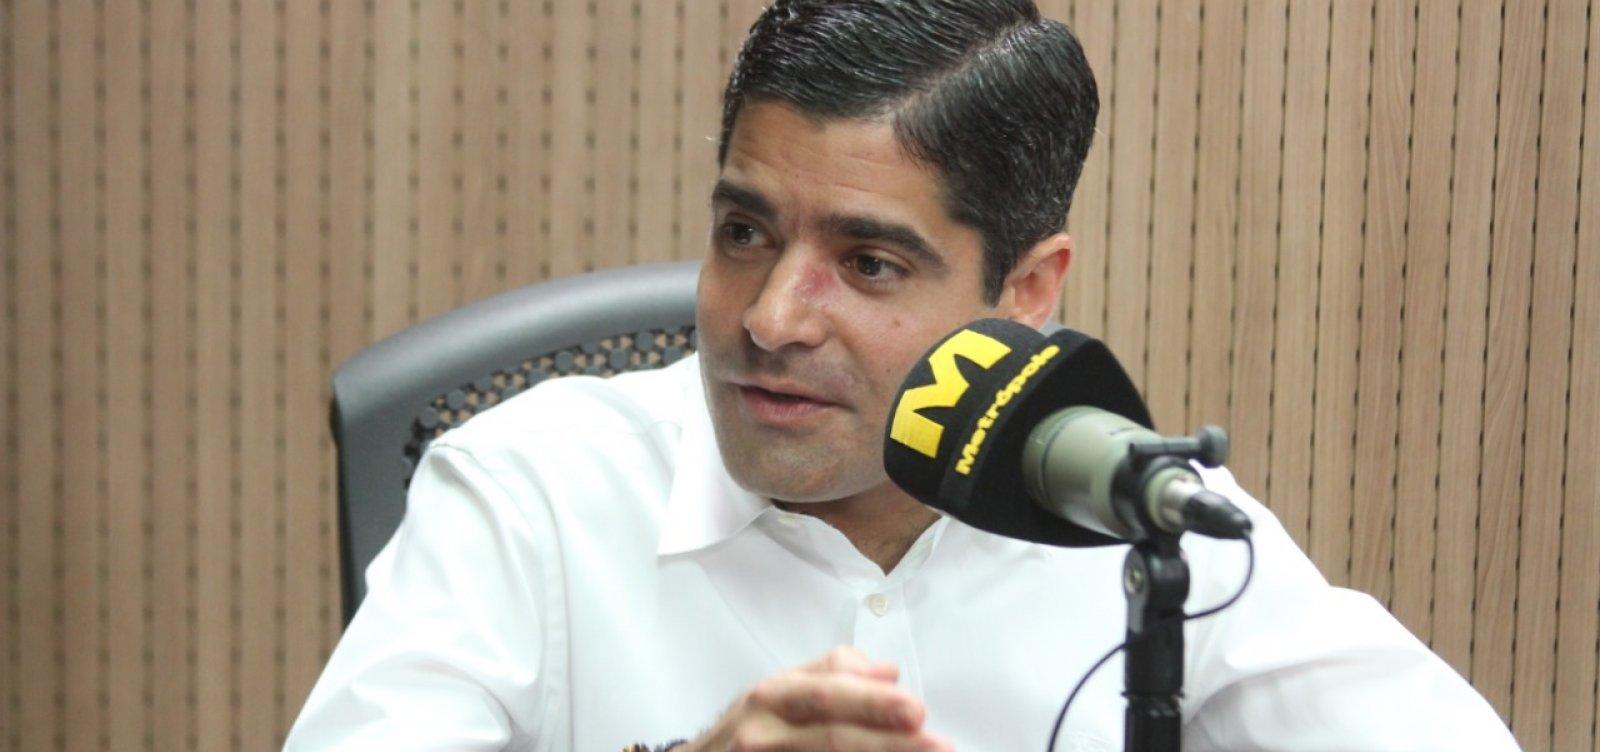 [ACM Neto acredita que Mandetta não deve recuar de posição após pronunciamento de Bolsonaro]